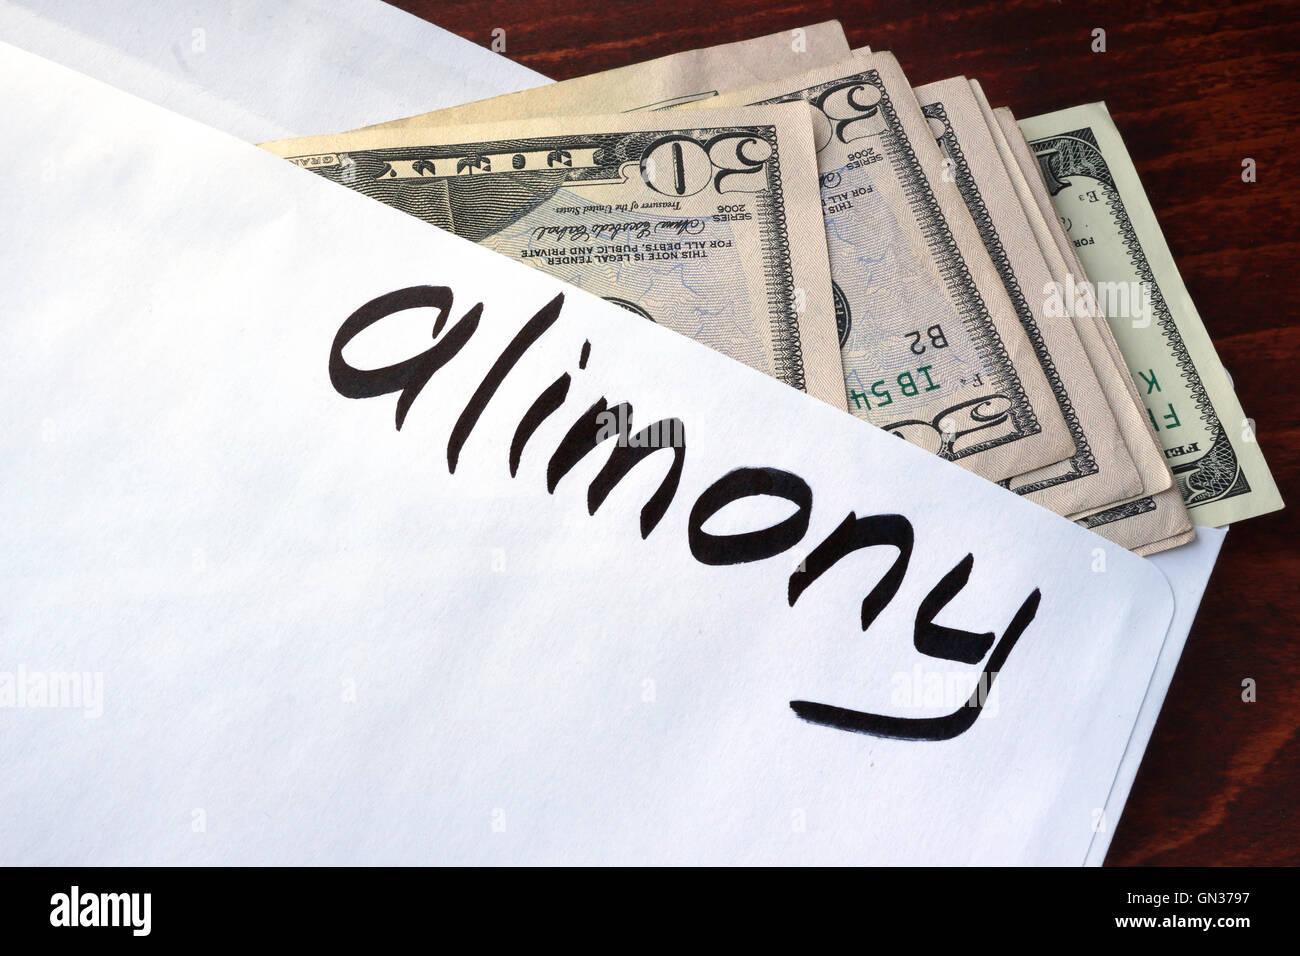 Alimony scritto su una busta con dollari. Immagini Stock